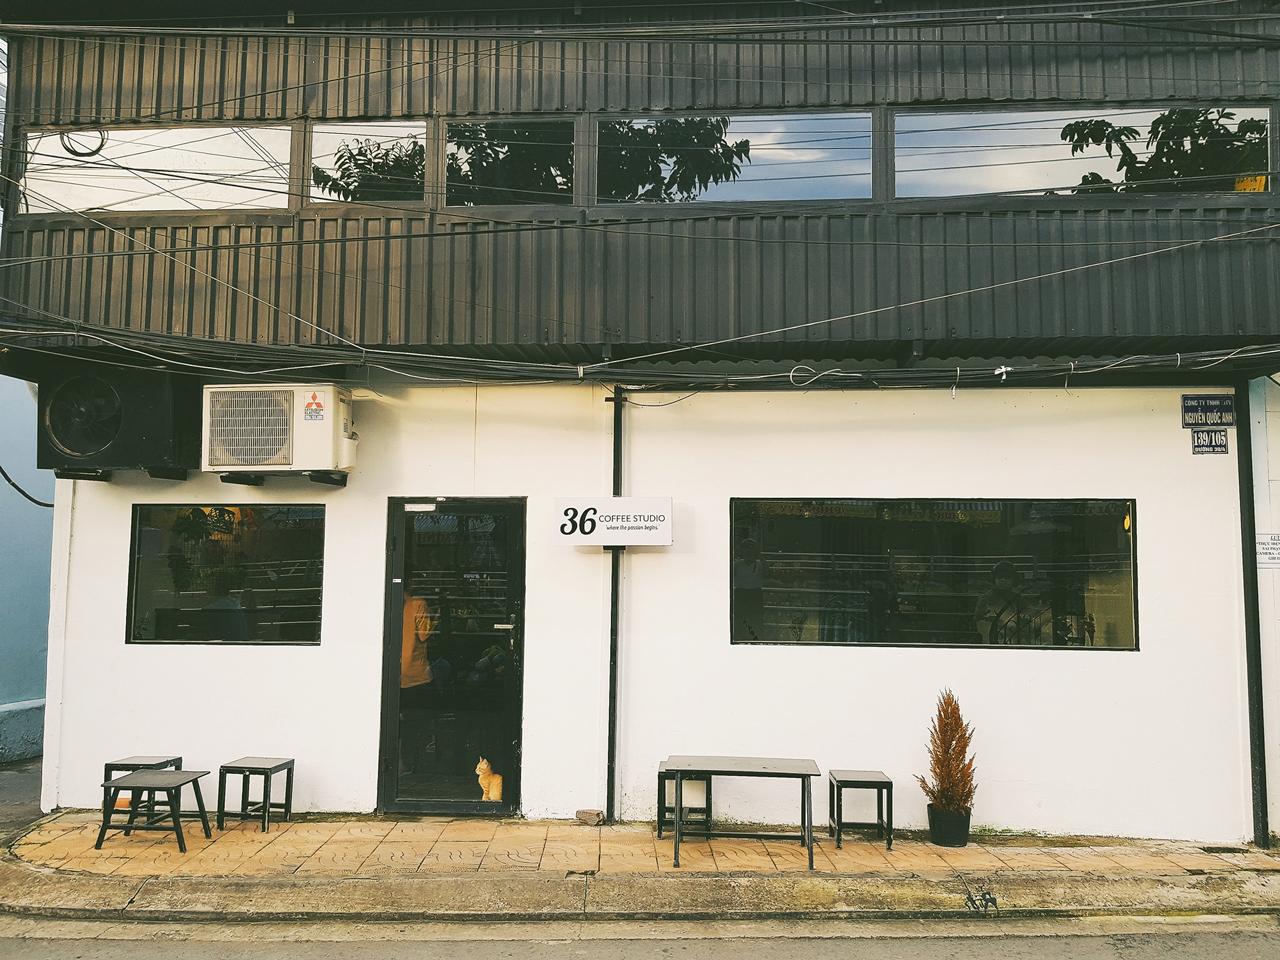 Quán 36 Coffee Studio Cần Thơ